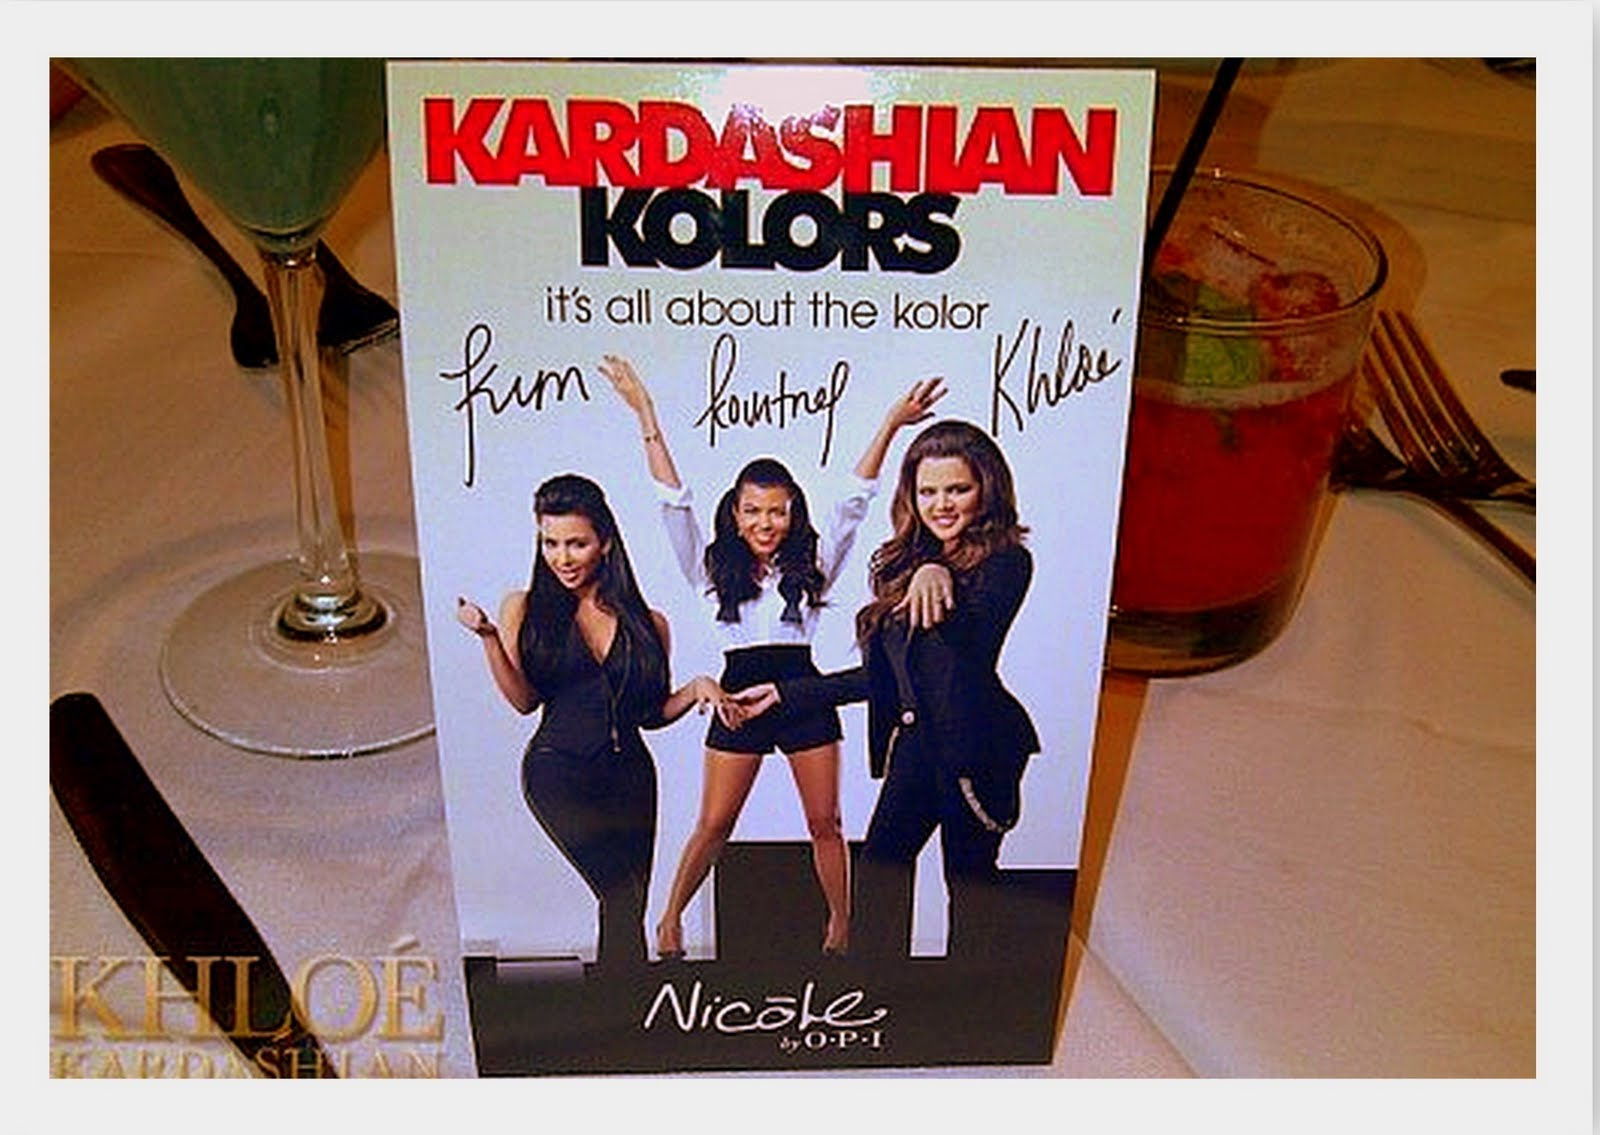 http://1.bp.blogspot.com/-nOXvMa0isOo/Th1C7Ux3IKI/AAAAAAAABFU/pLkc74OOJbY/s1600/Kardashian+Kolors2.jpg